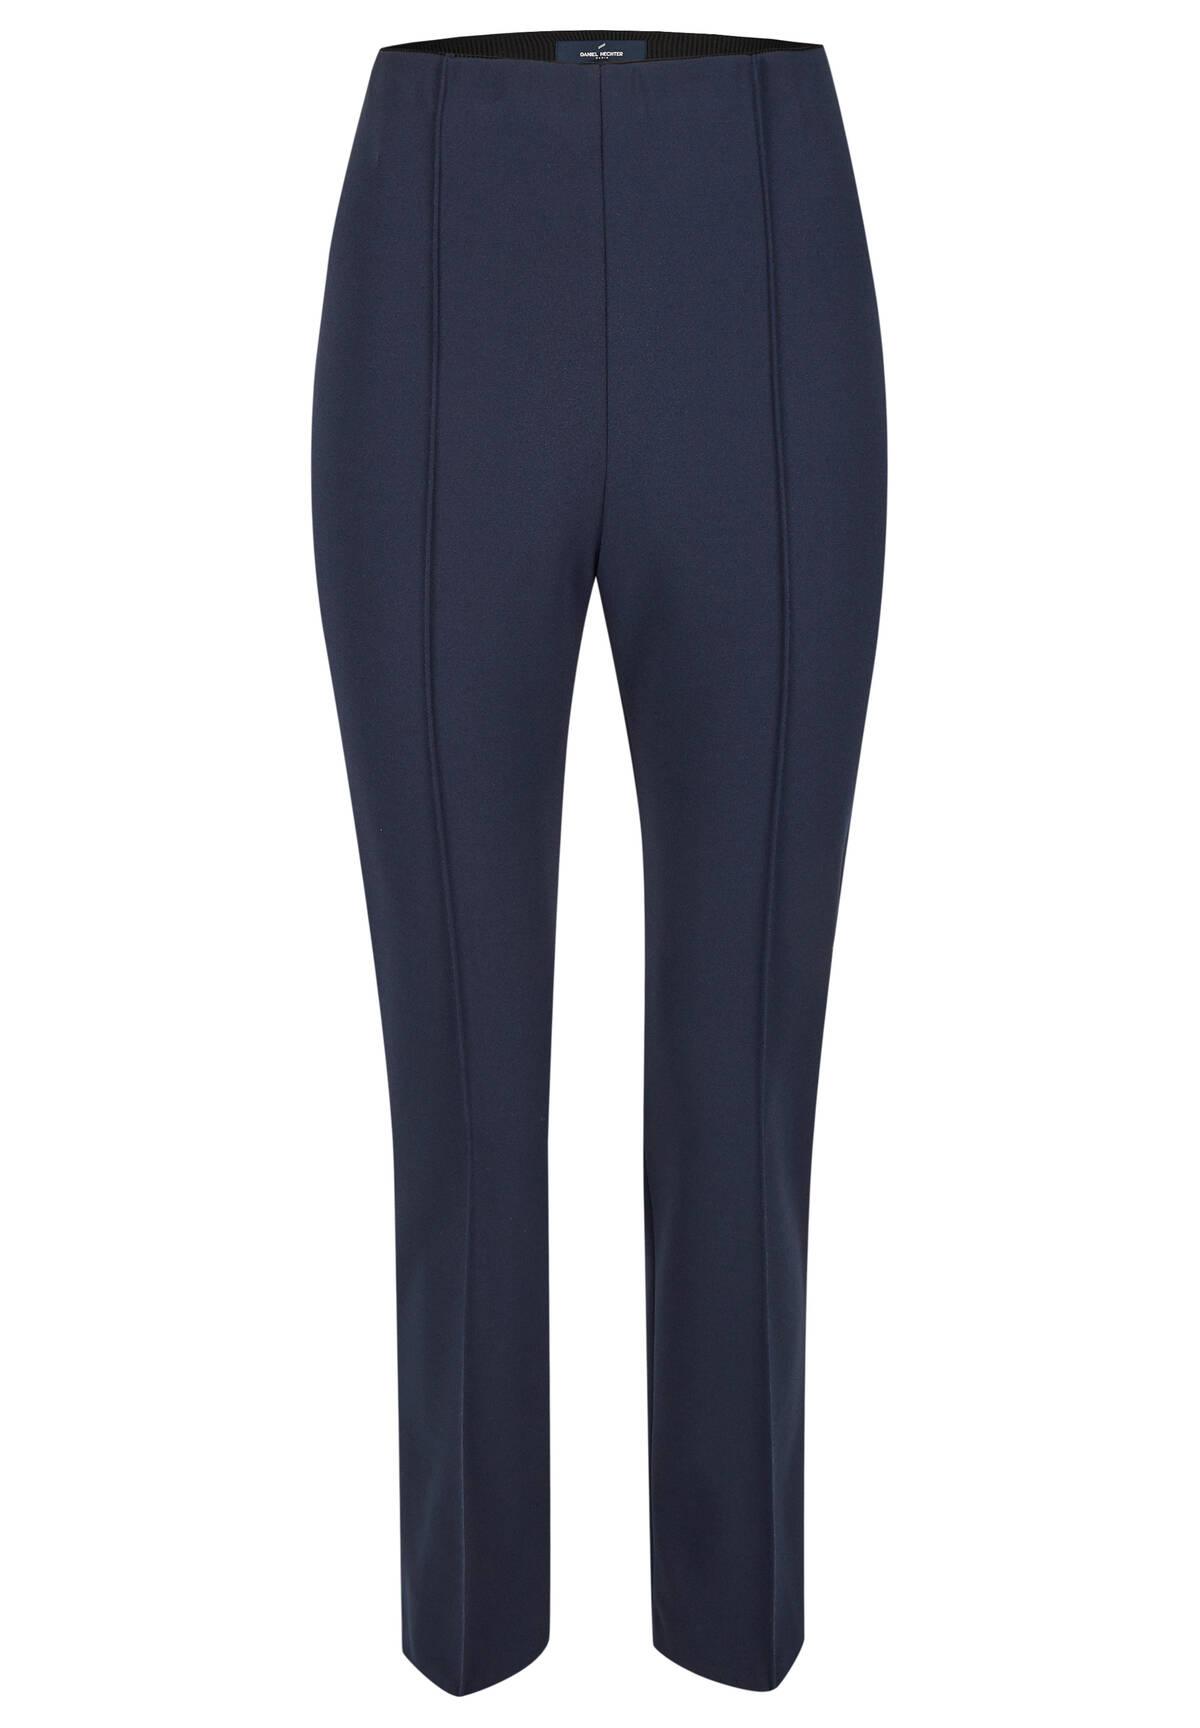 Pantalon slim /